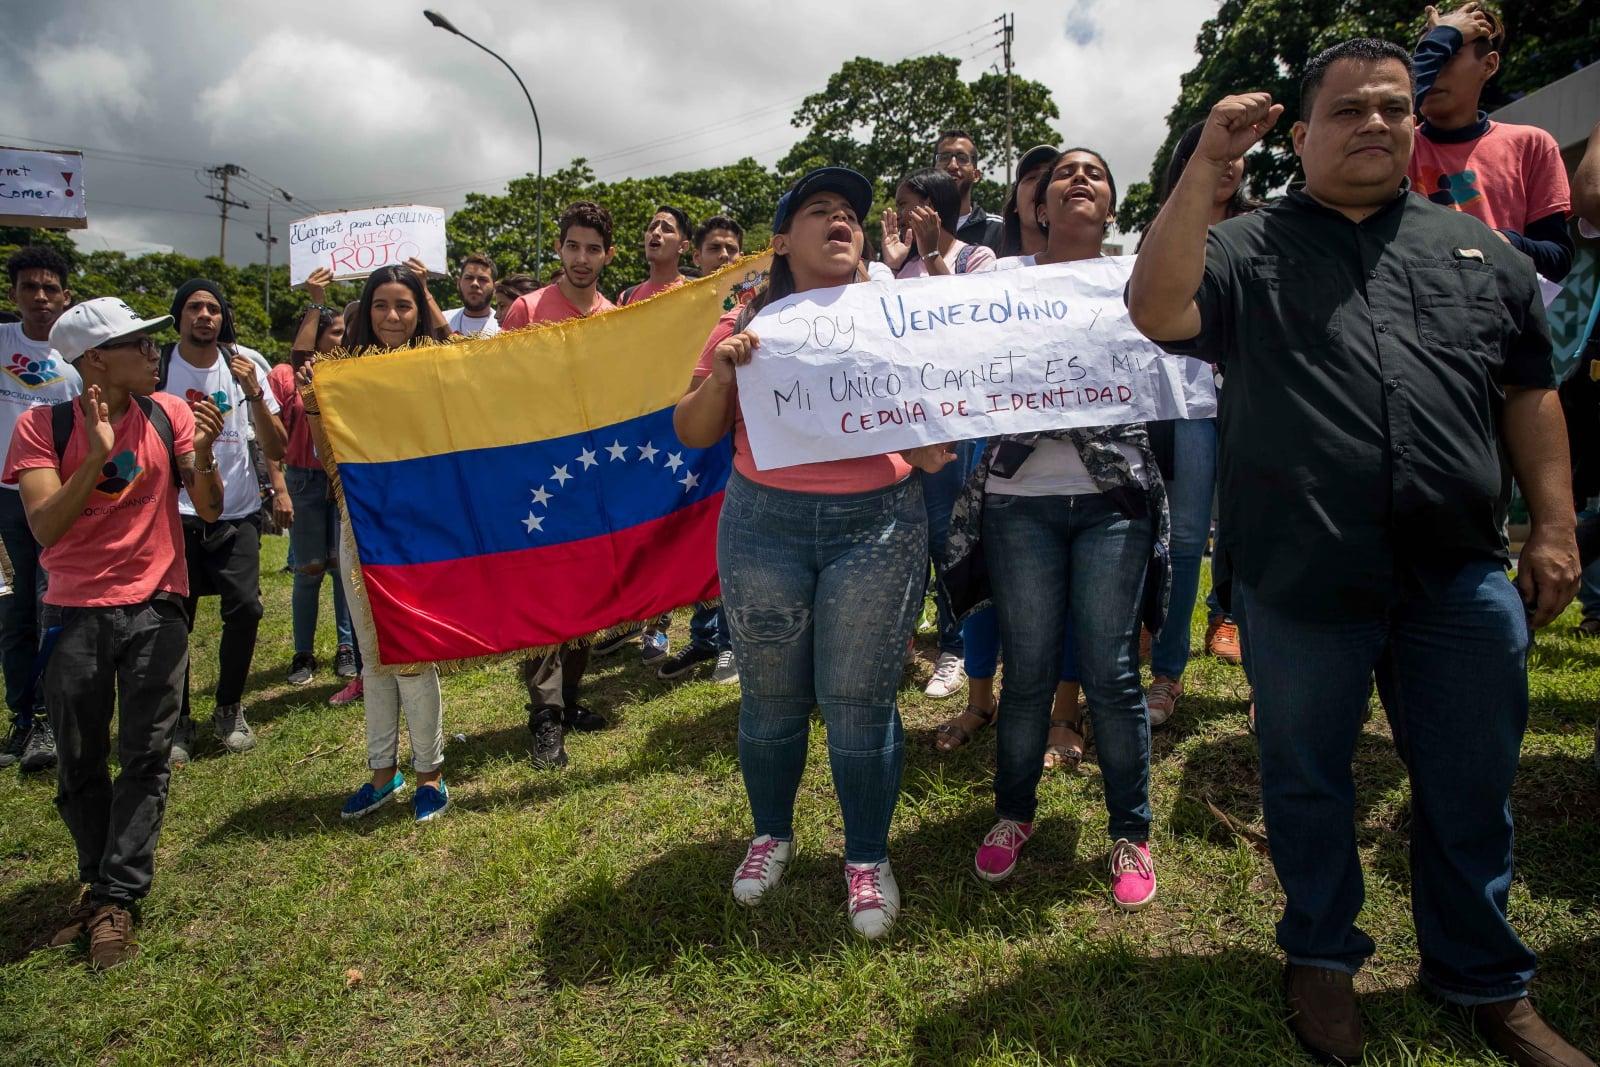 Protesty w Wenezueli. fot. EPA/Miguel Gutiérrez